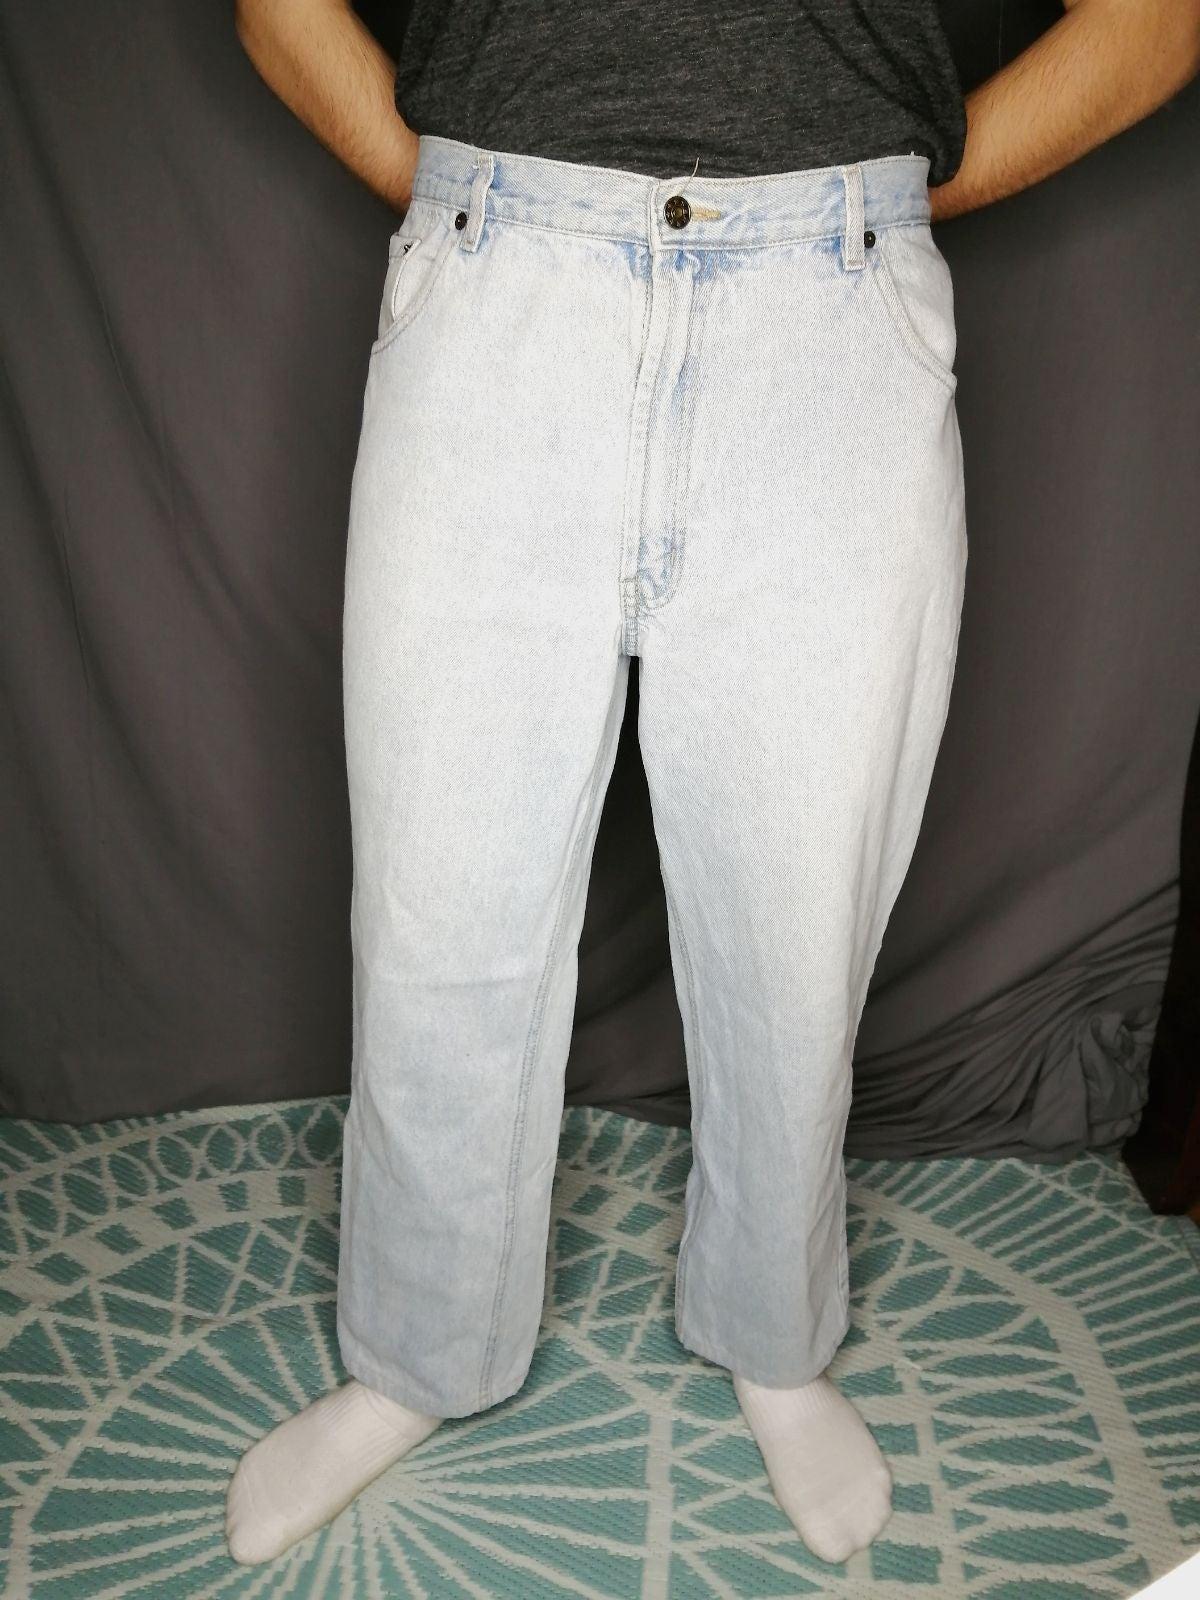 Vintage Bugle Boy light wash Jeans